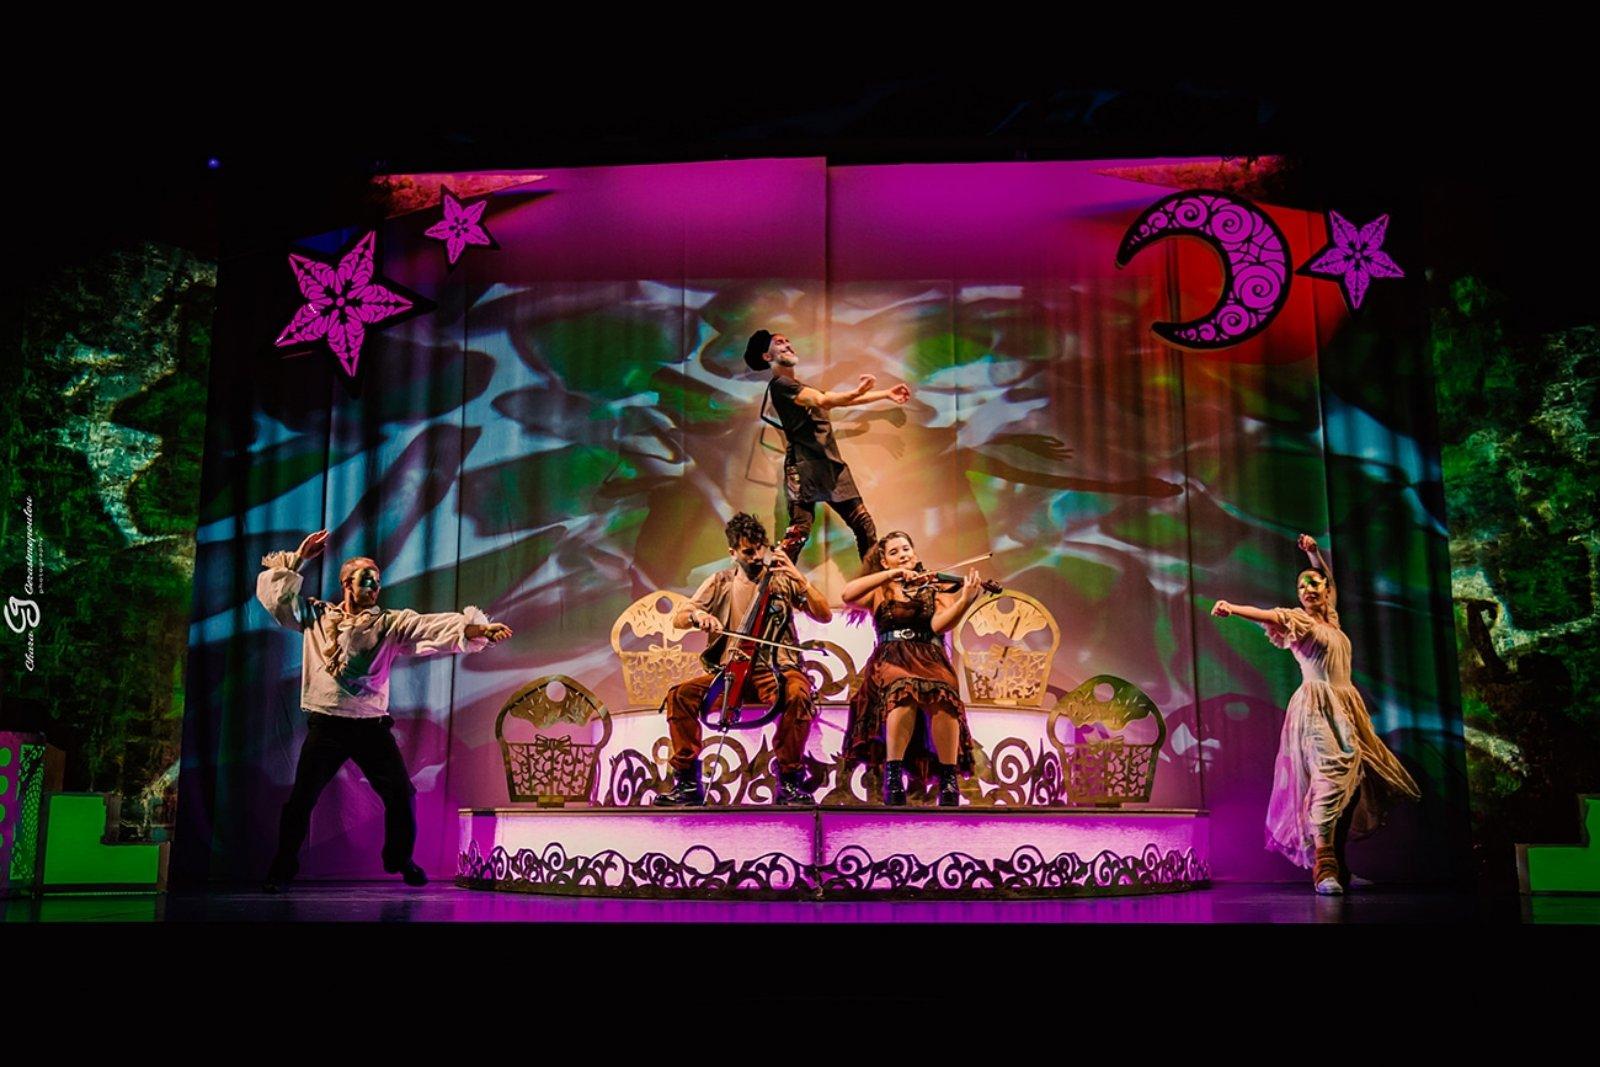 Είδαμε την παράσταση «Συρανό ντε Μπερζεράκ» του Ηλία Καρελλά στο Θέατρο Κάππα